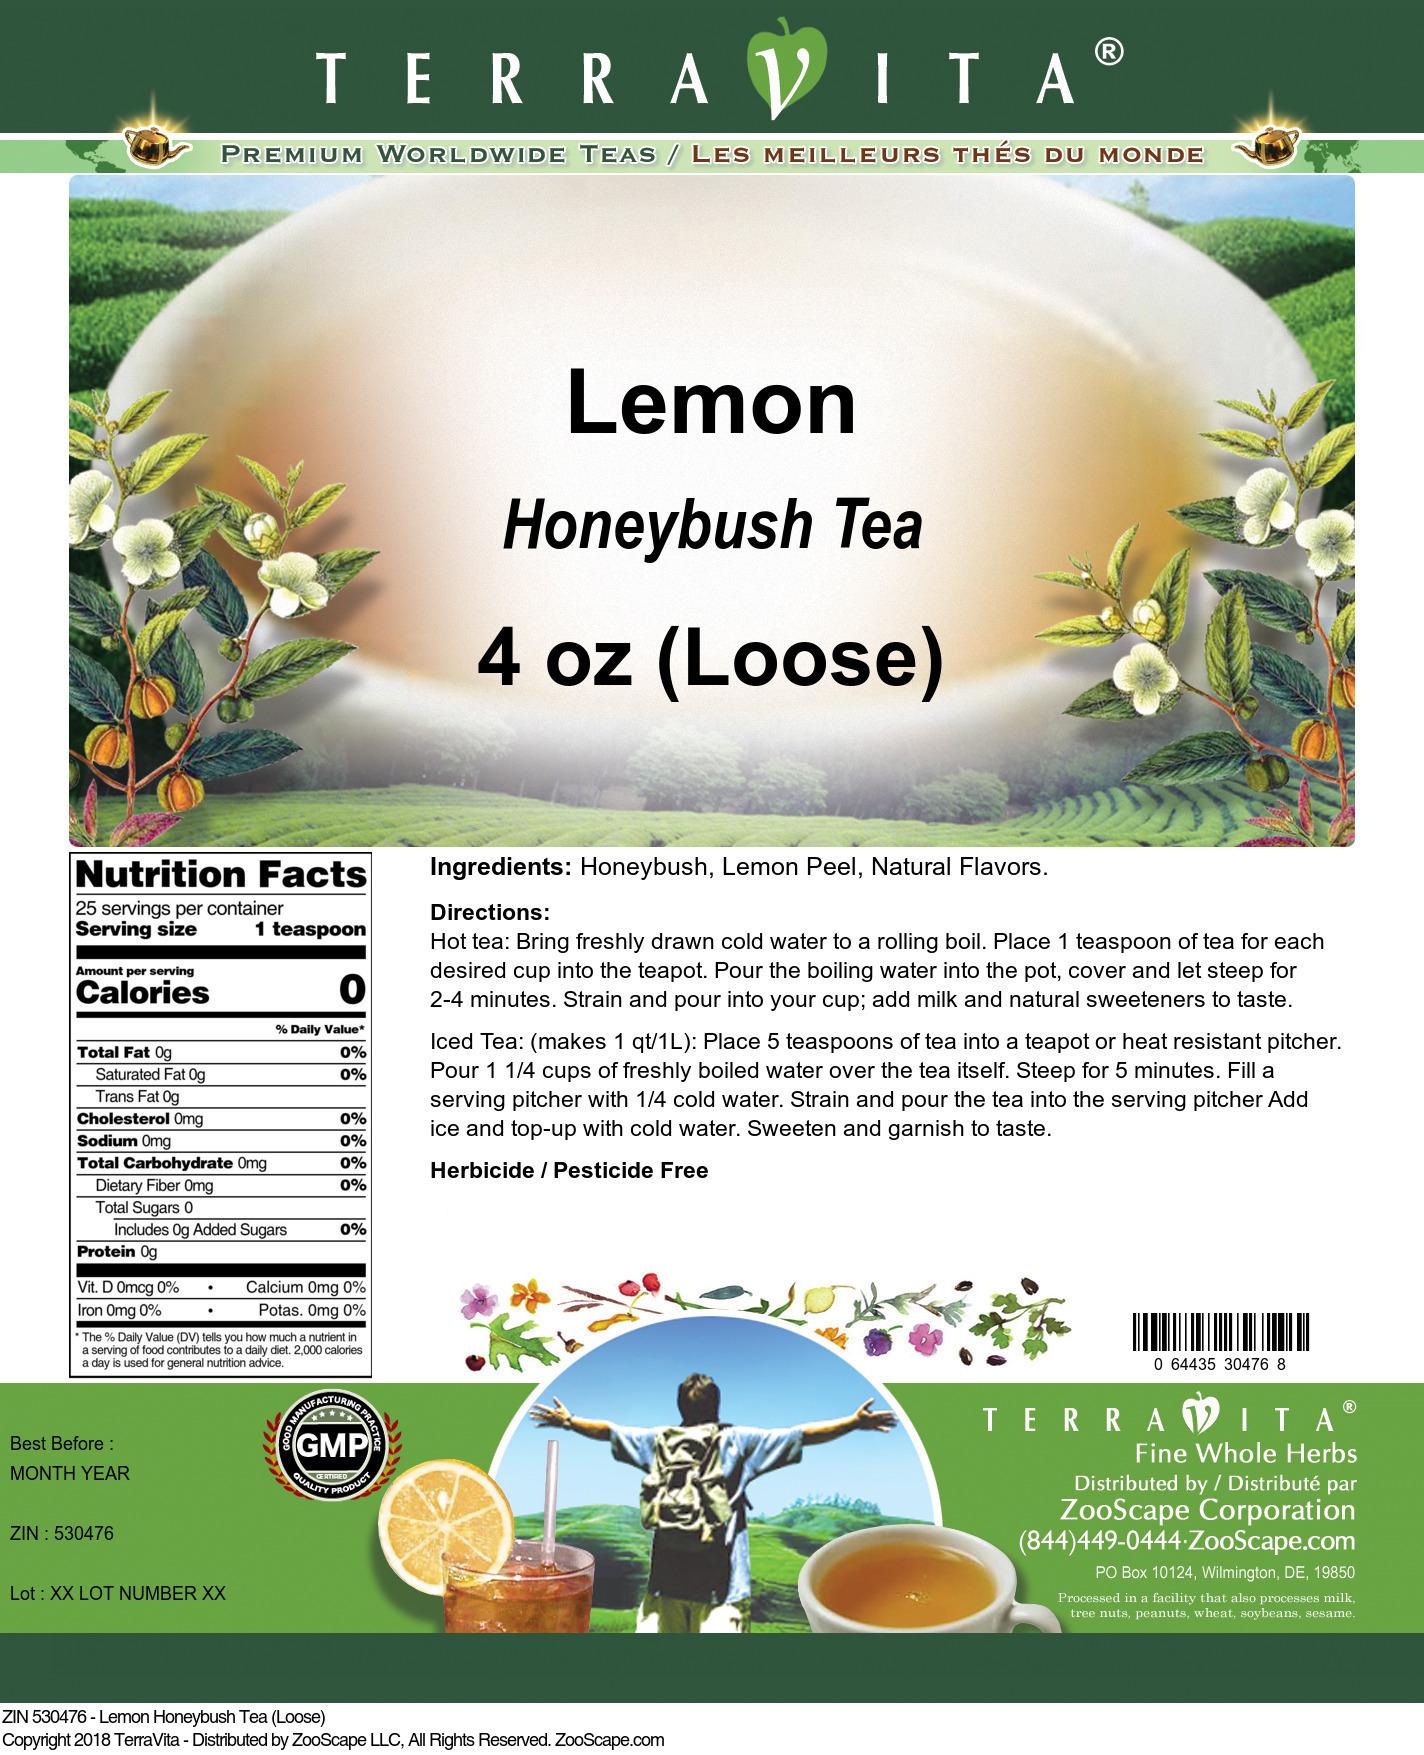 Lemon Honeybush Tea (Loose)